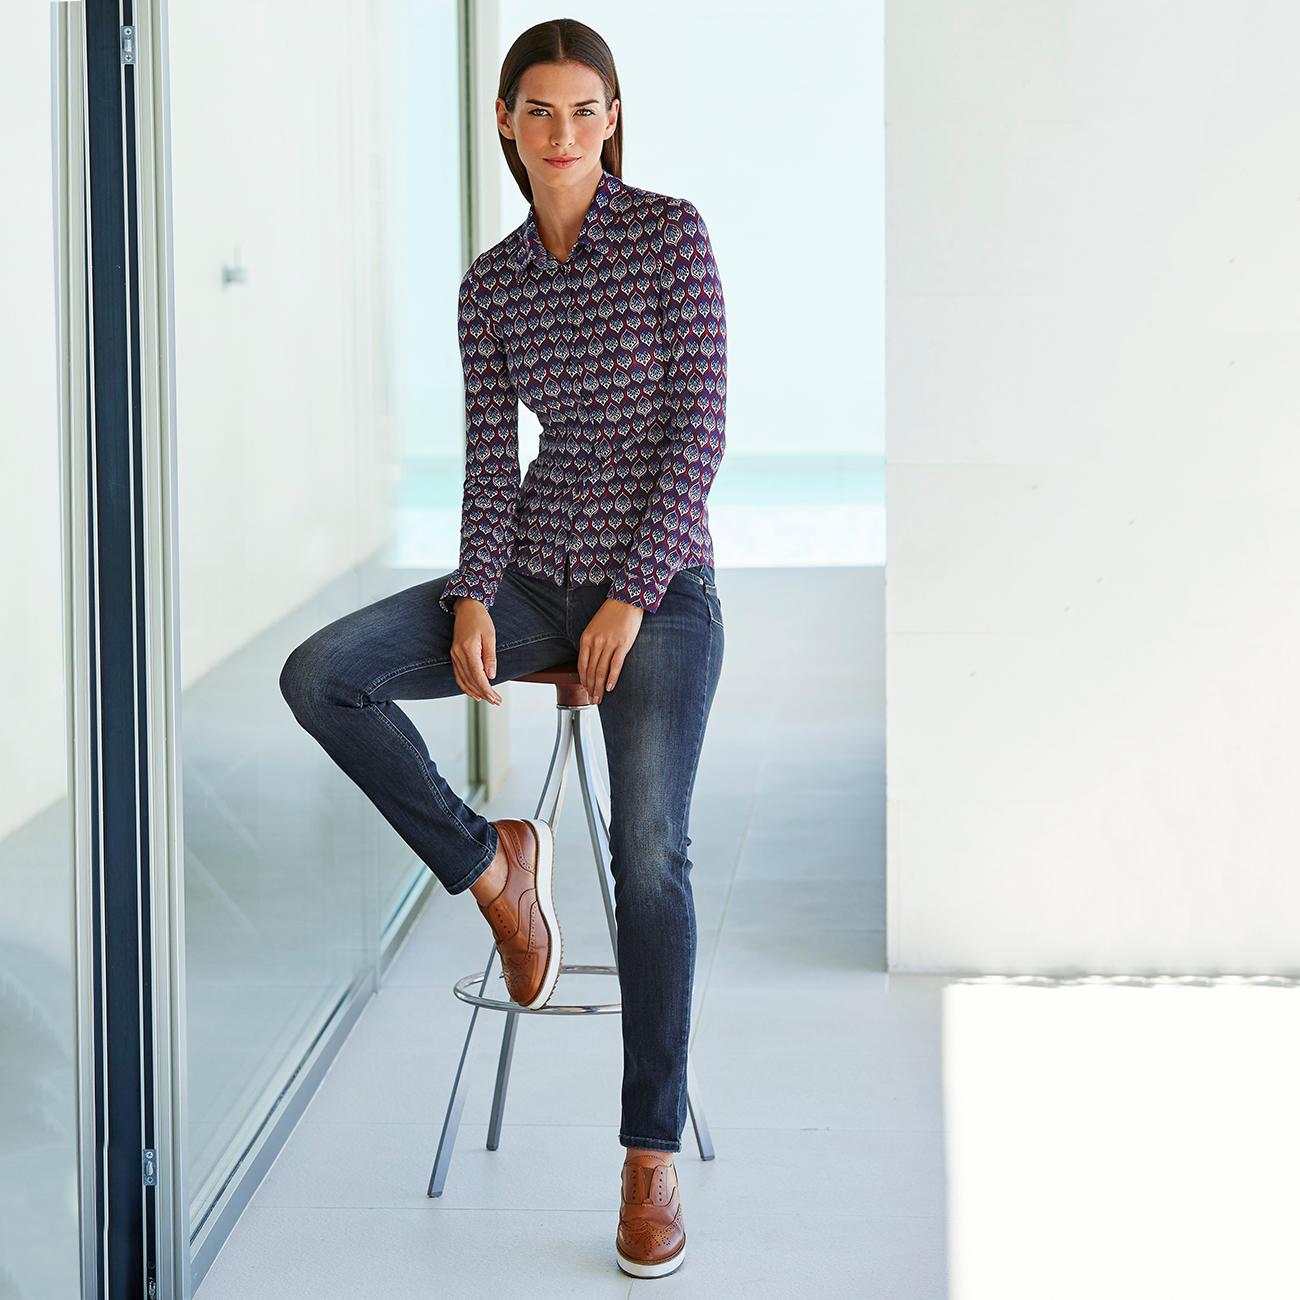 e5534cb4e89a9b KD-Klaus Dilkrath Jersey Blouse - As elegant as a blouse. As comfortable as